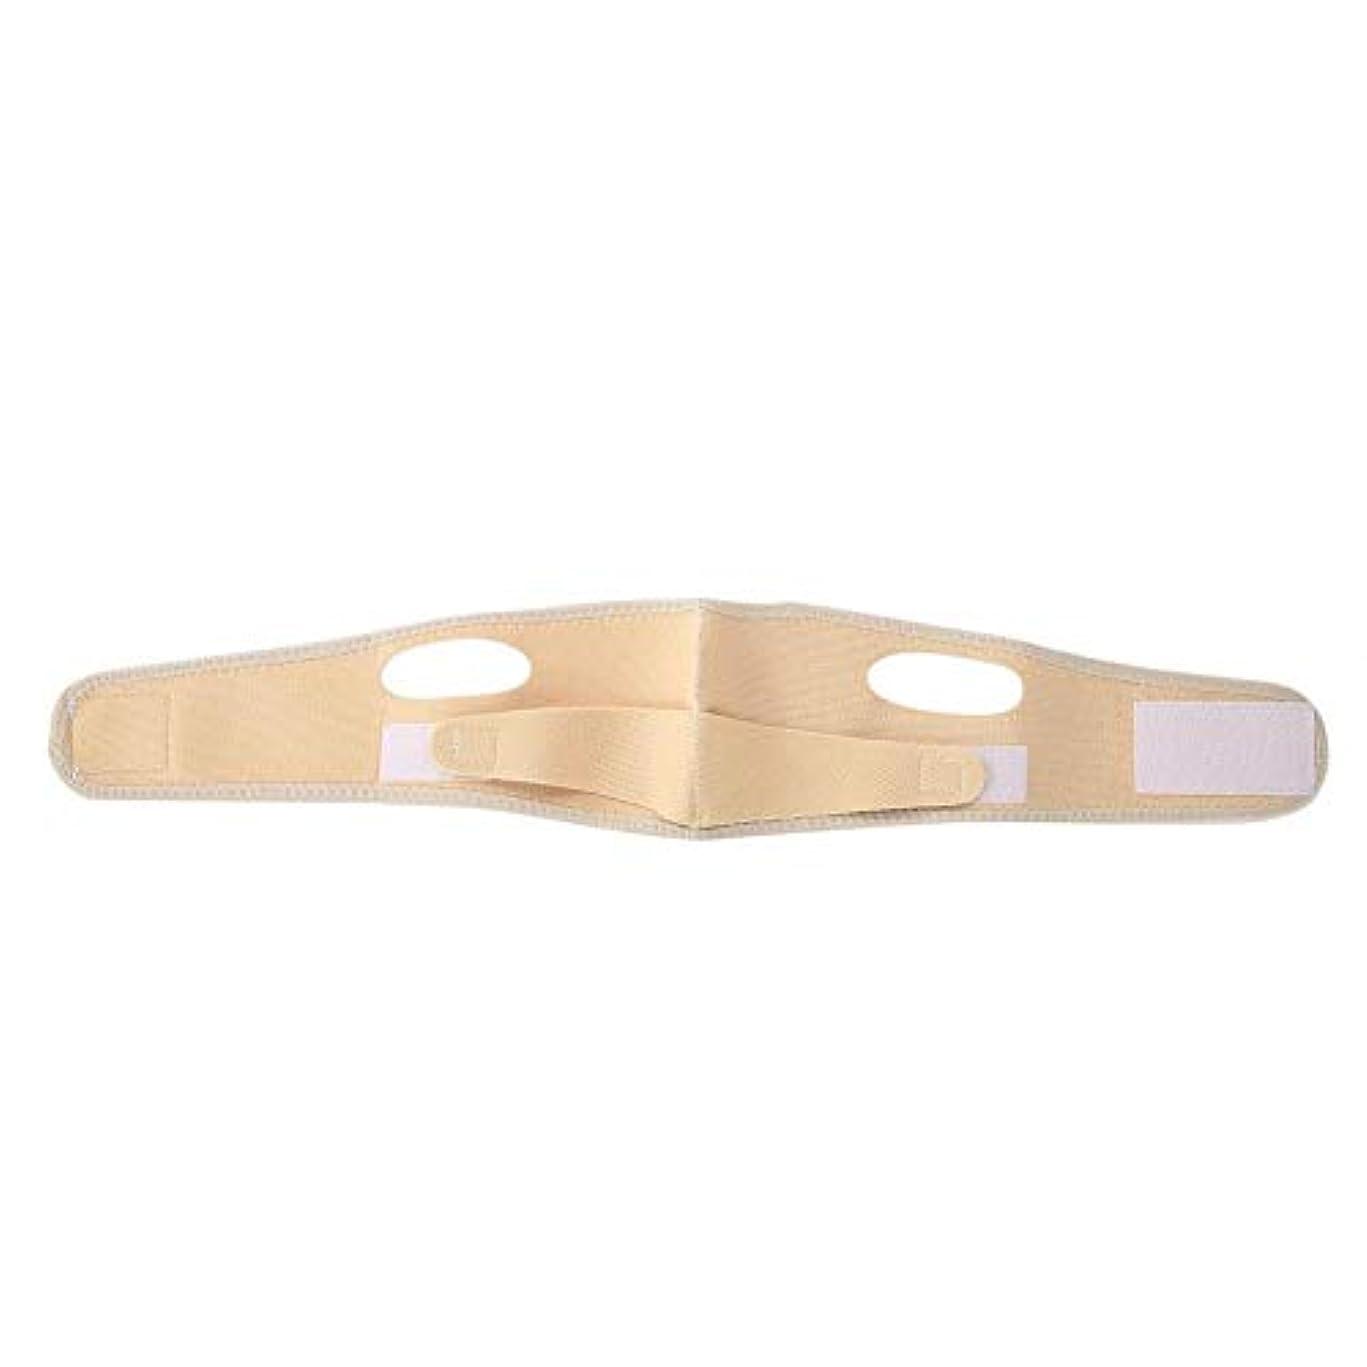 拒絶する付録自動的に薄い顔のマスク顔の顔を持ち上げる包帯2種類(1#)